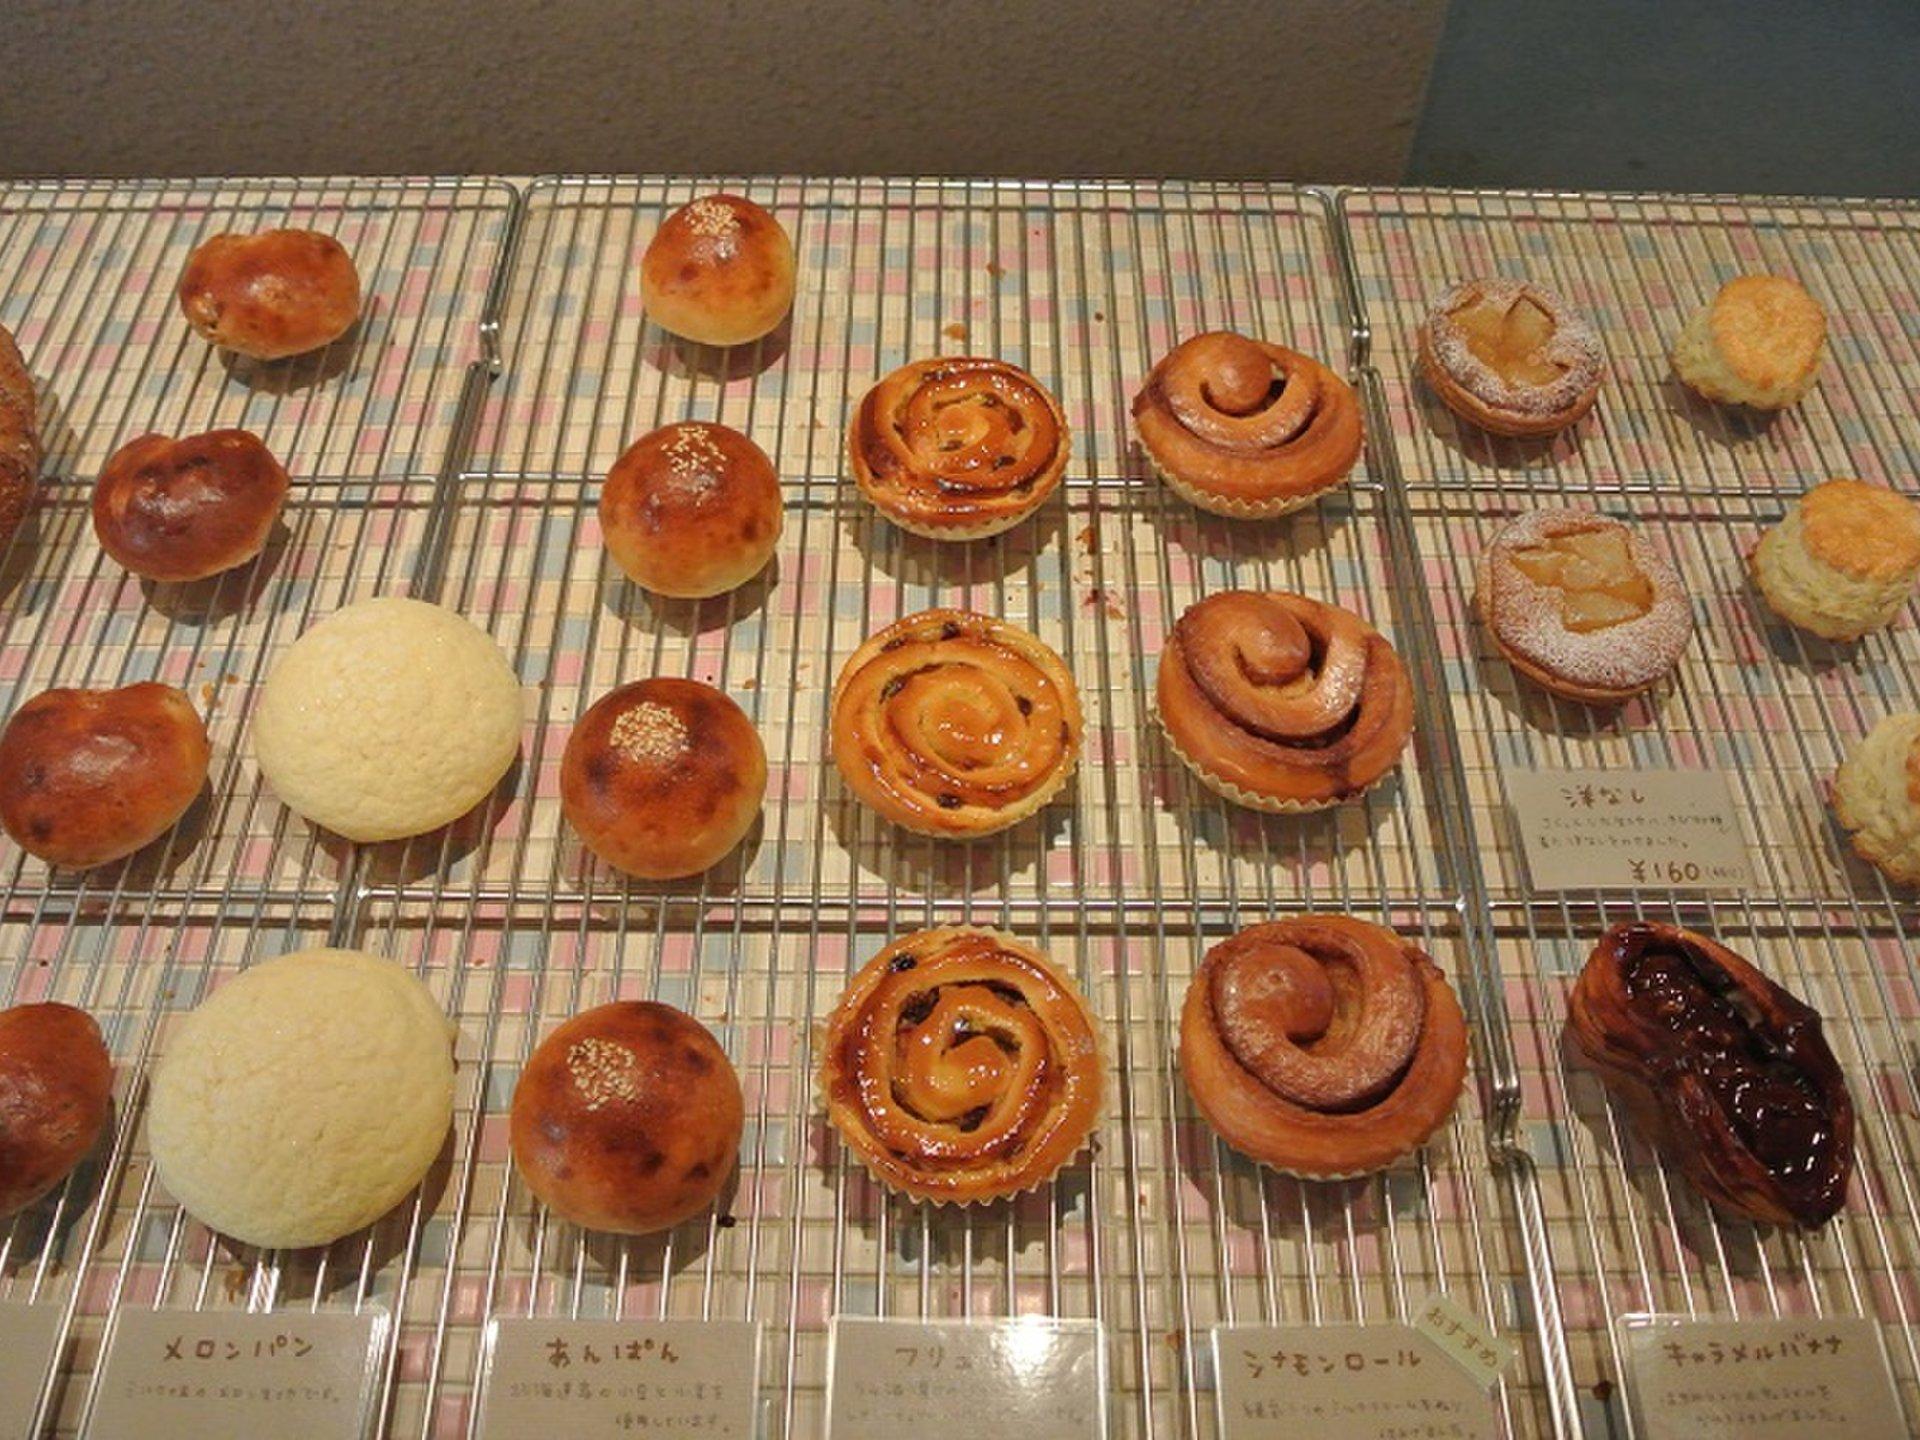 【パン消費量1位】芳醇な香り漂う京都・今出川通りでおすすめパン屋めぐり♩